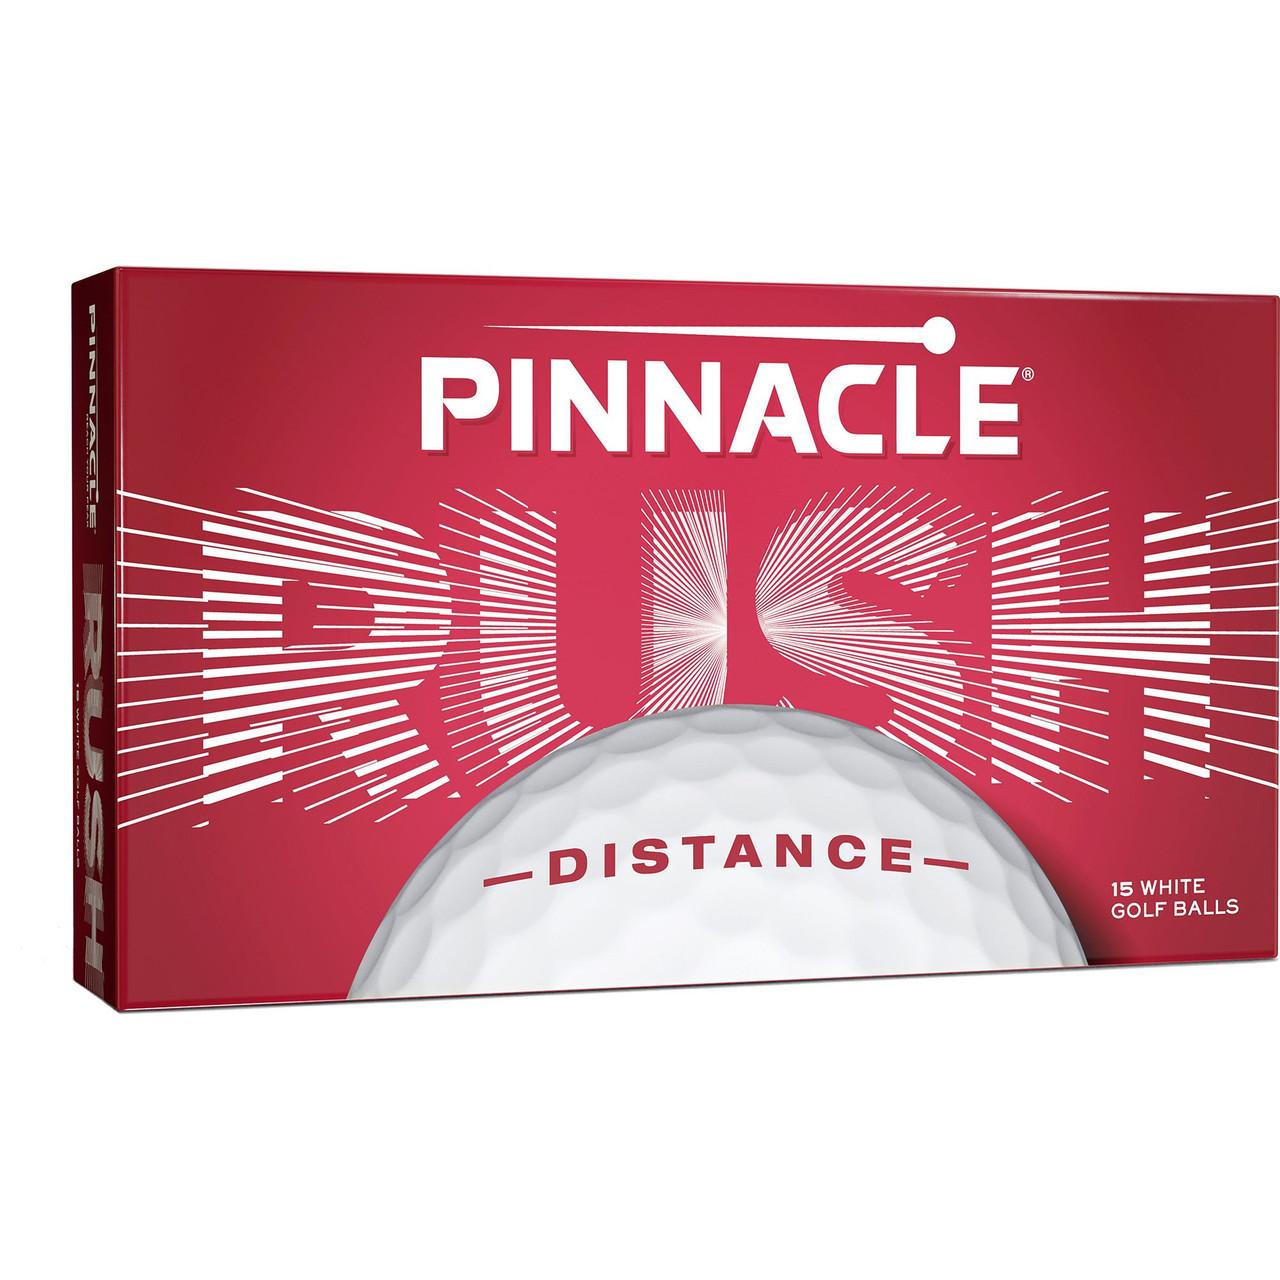 Pinnacle Personalized RUSH 15-Ball Pack - White